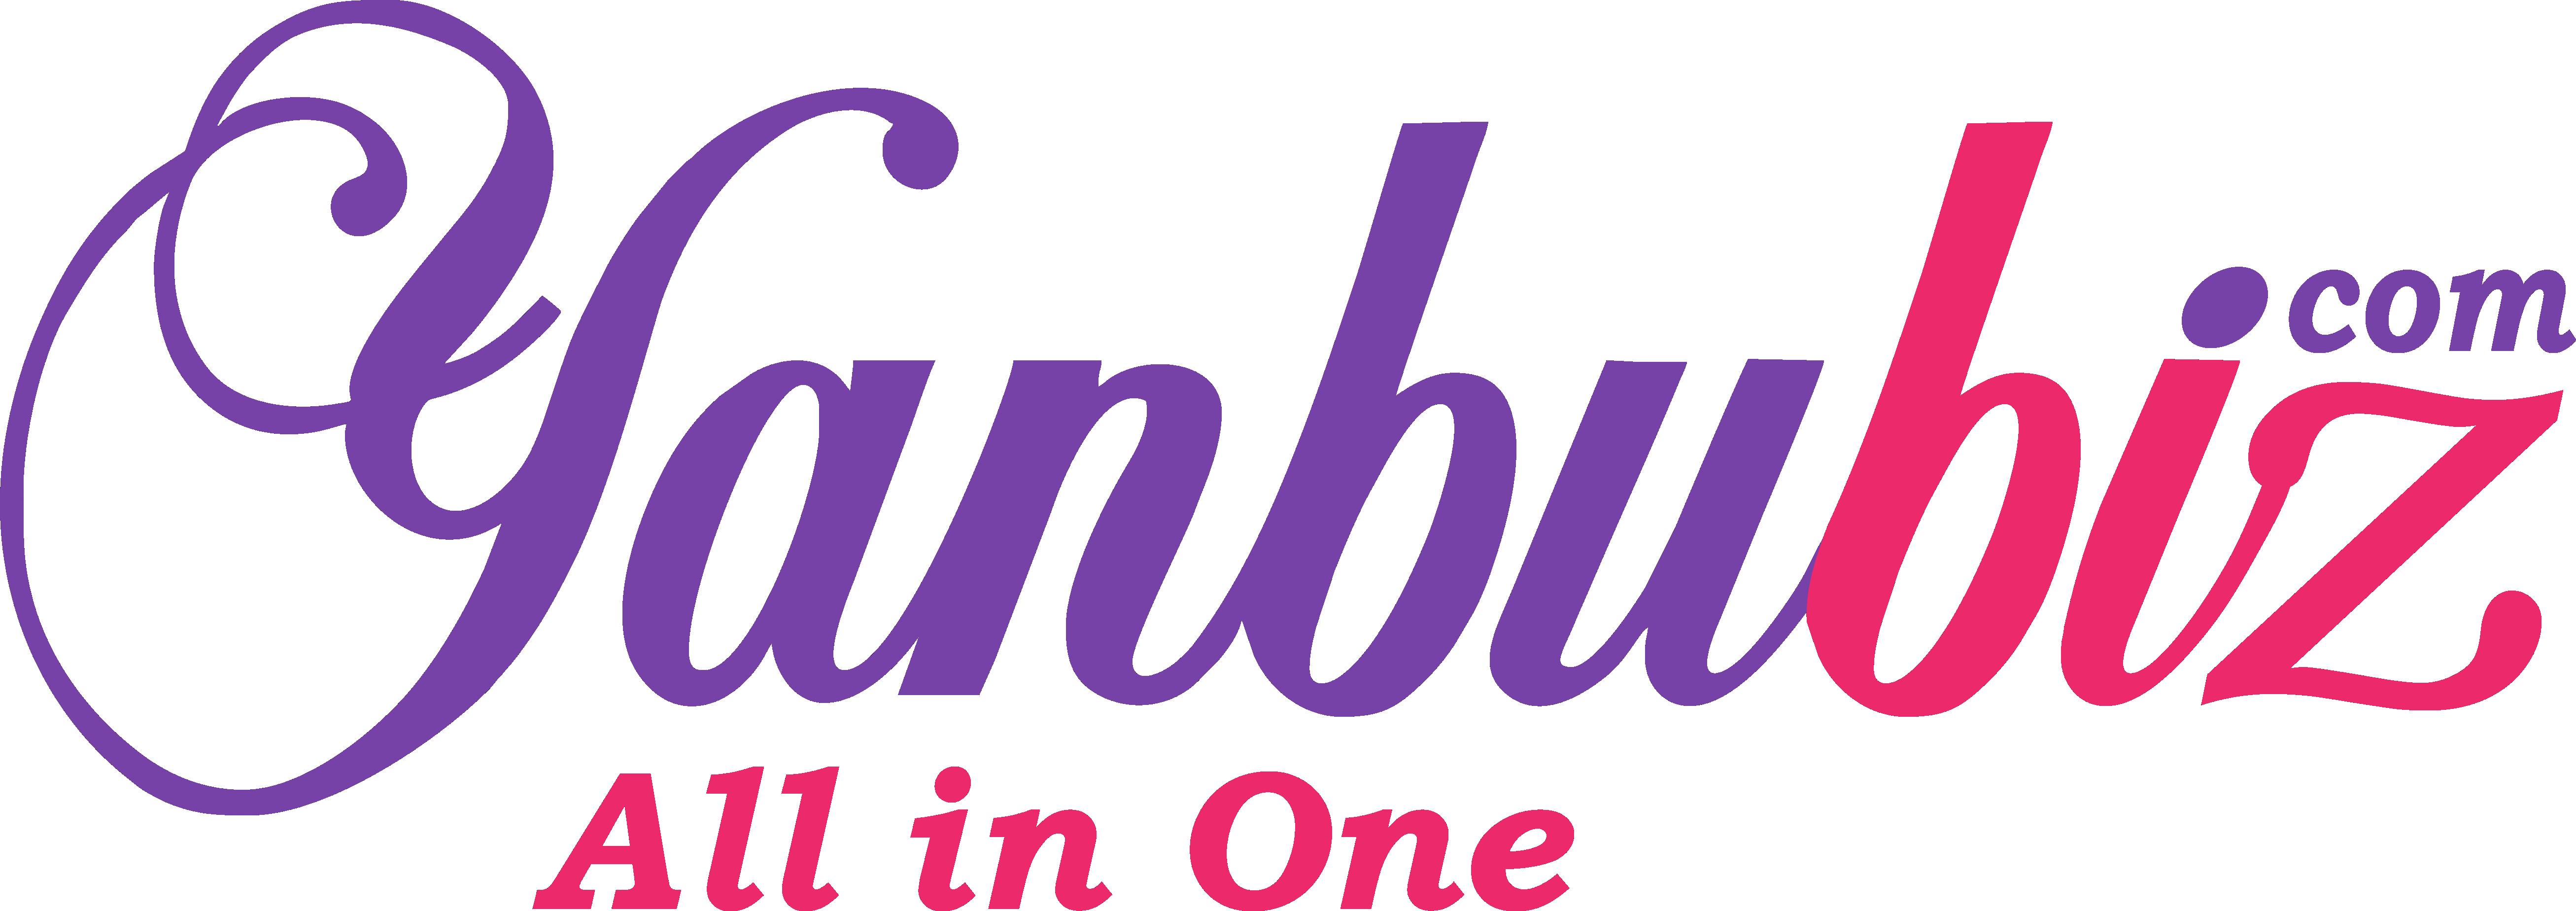 Yanbubiz